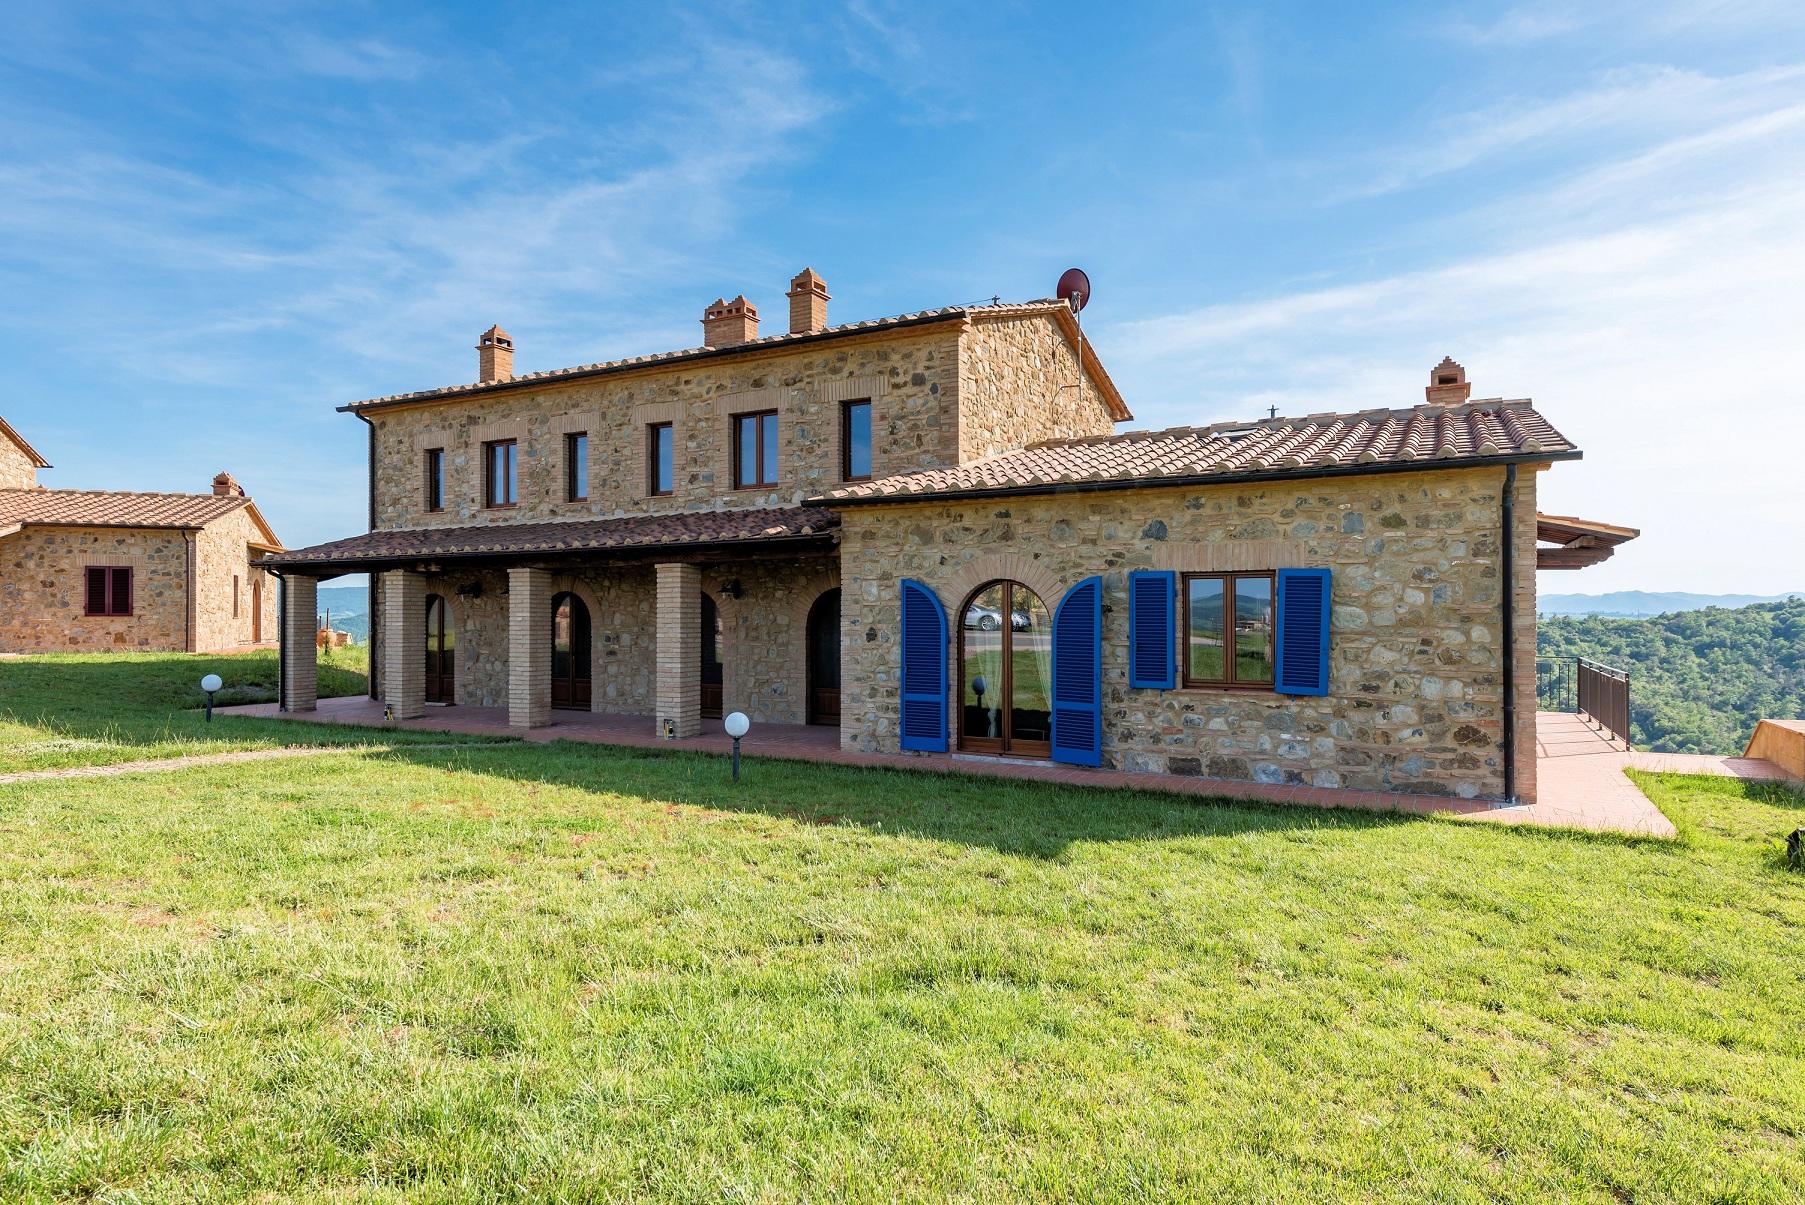 Appartamento in vendita a Volterra, 6 locali, prezzo € 230.000 | CambioCasa.it